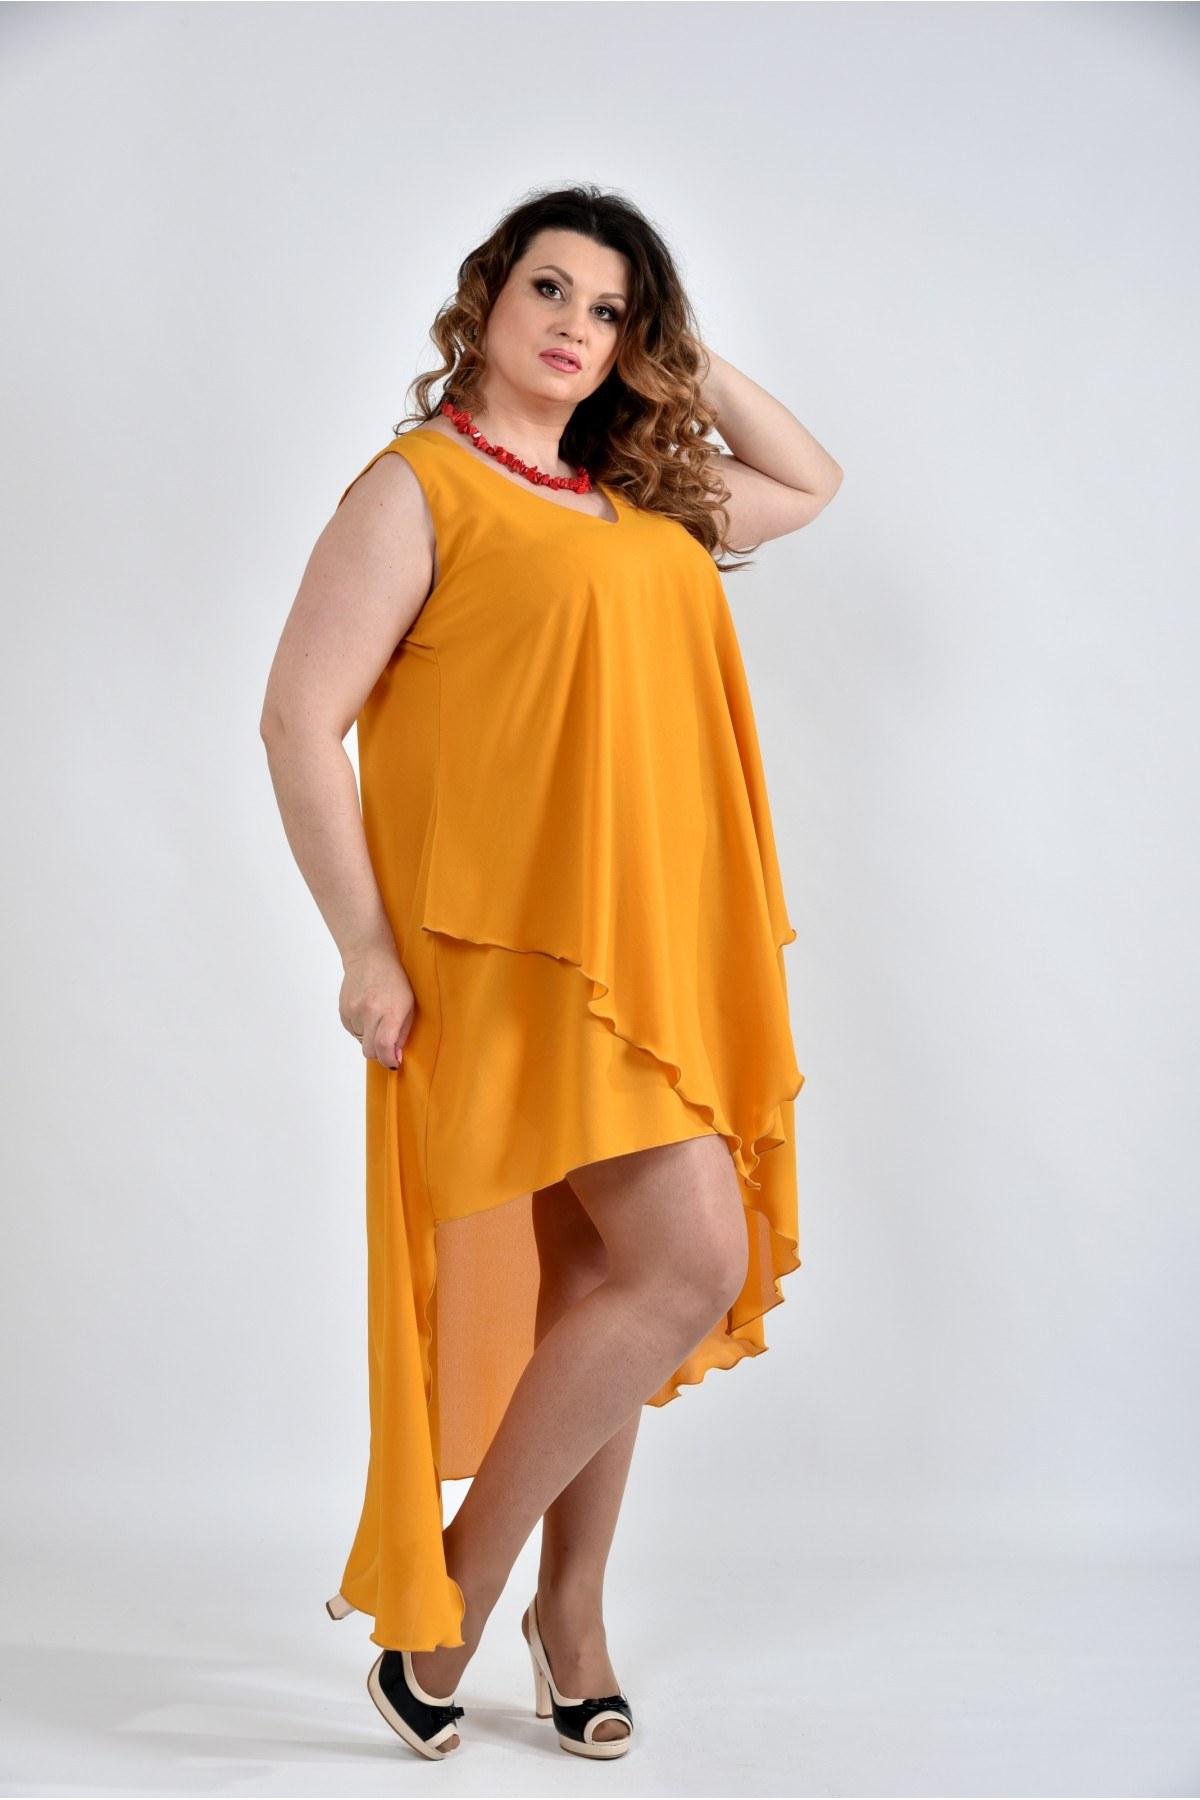 Повсякденні літні сукні для повних жінок  фото-ідеї на кожен день 148bc886dc5a5